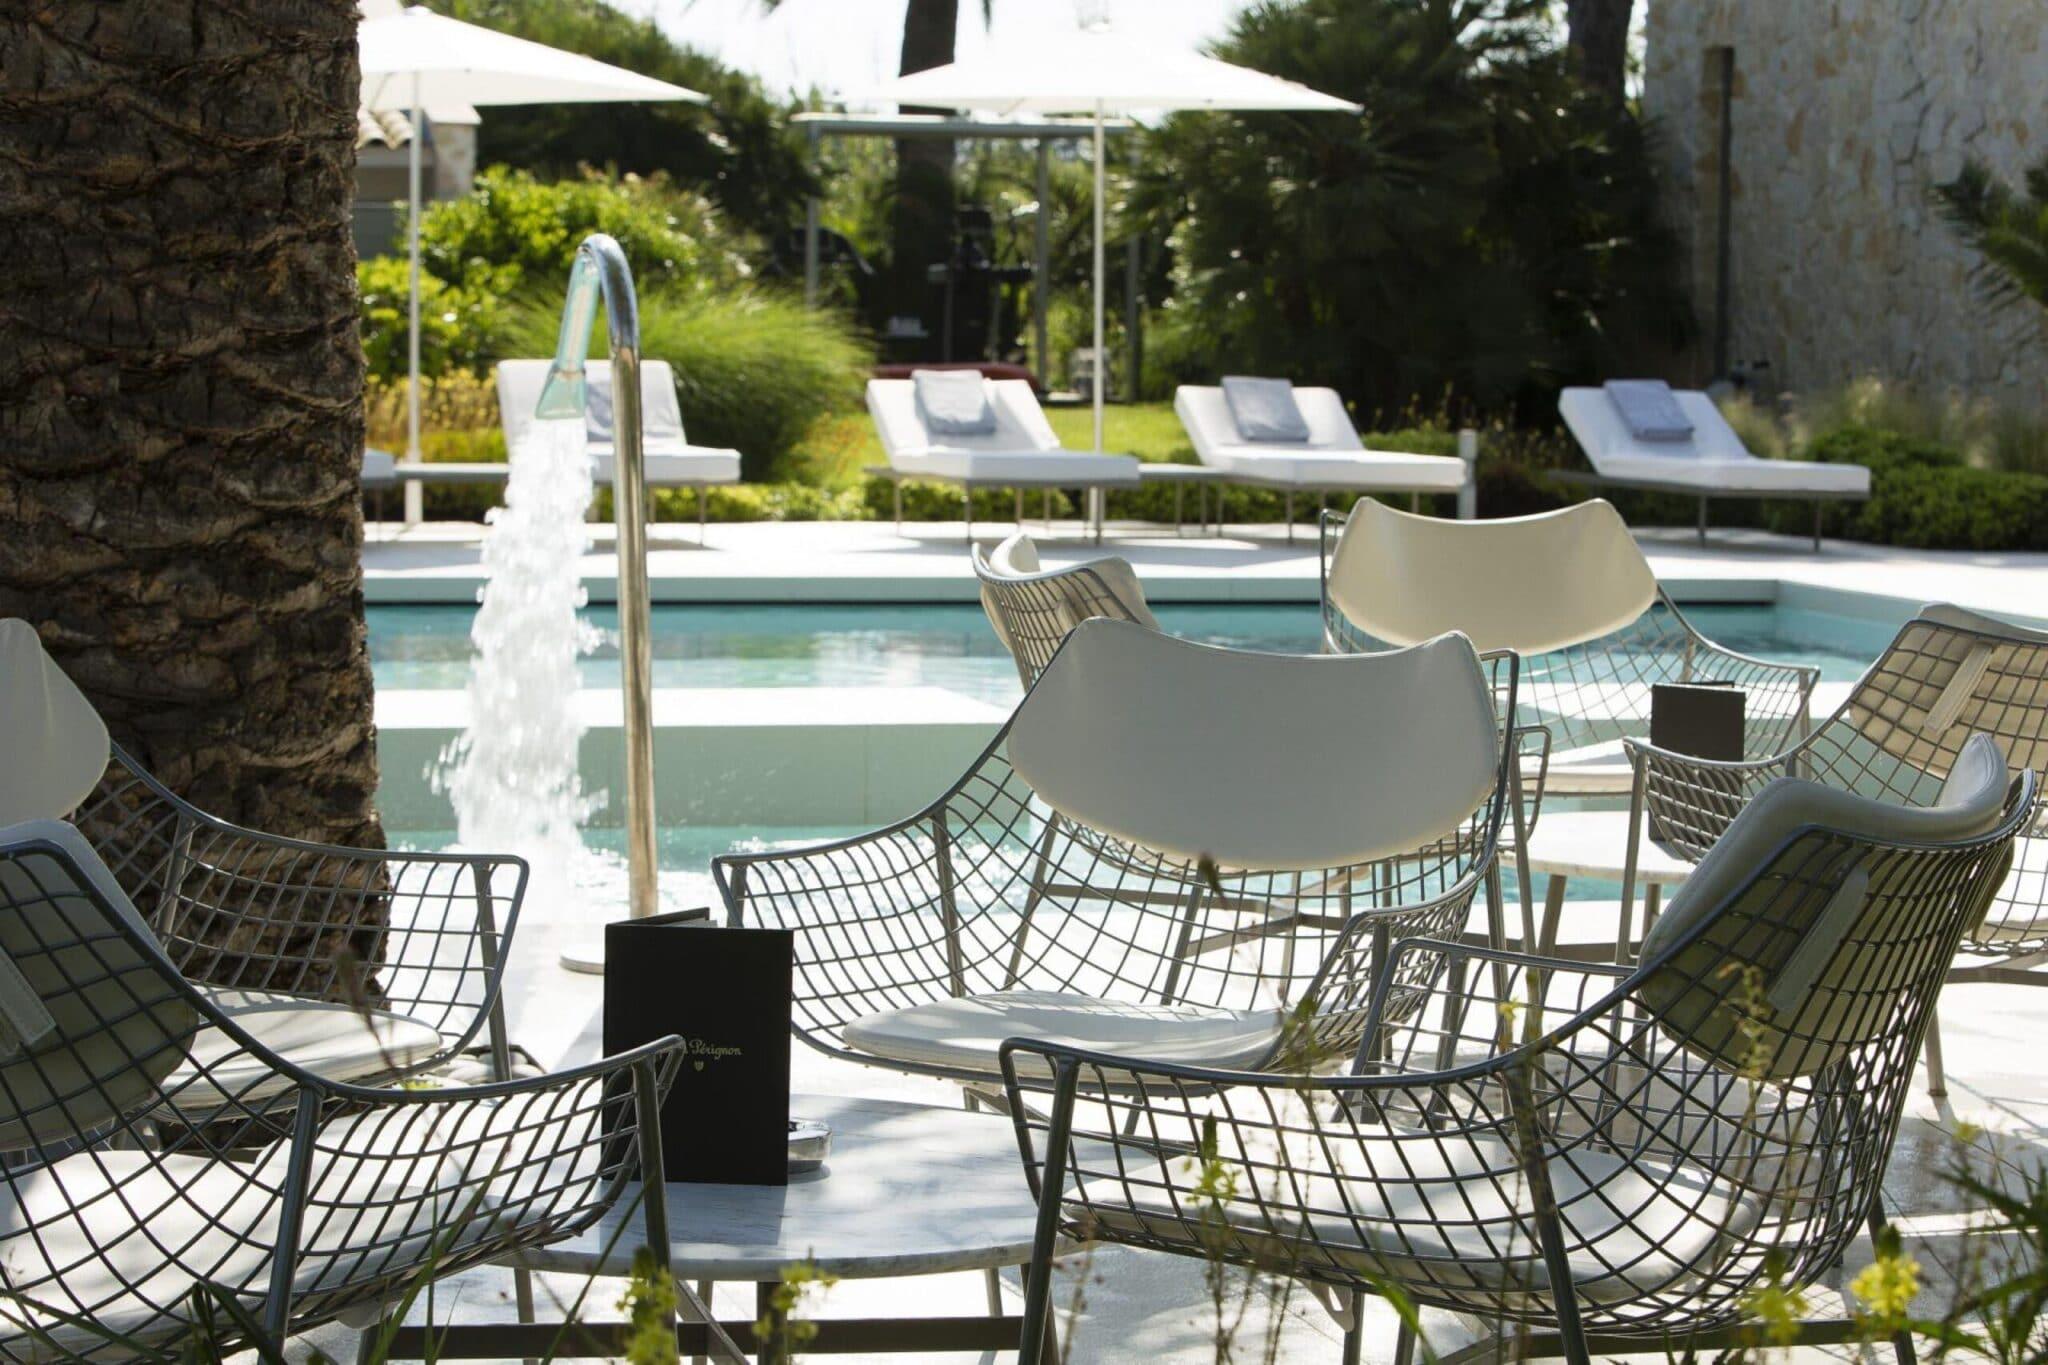 Hôtel sezz - Outdoor Bar By Dom Perignon 2 Christophe Bielsa